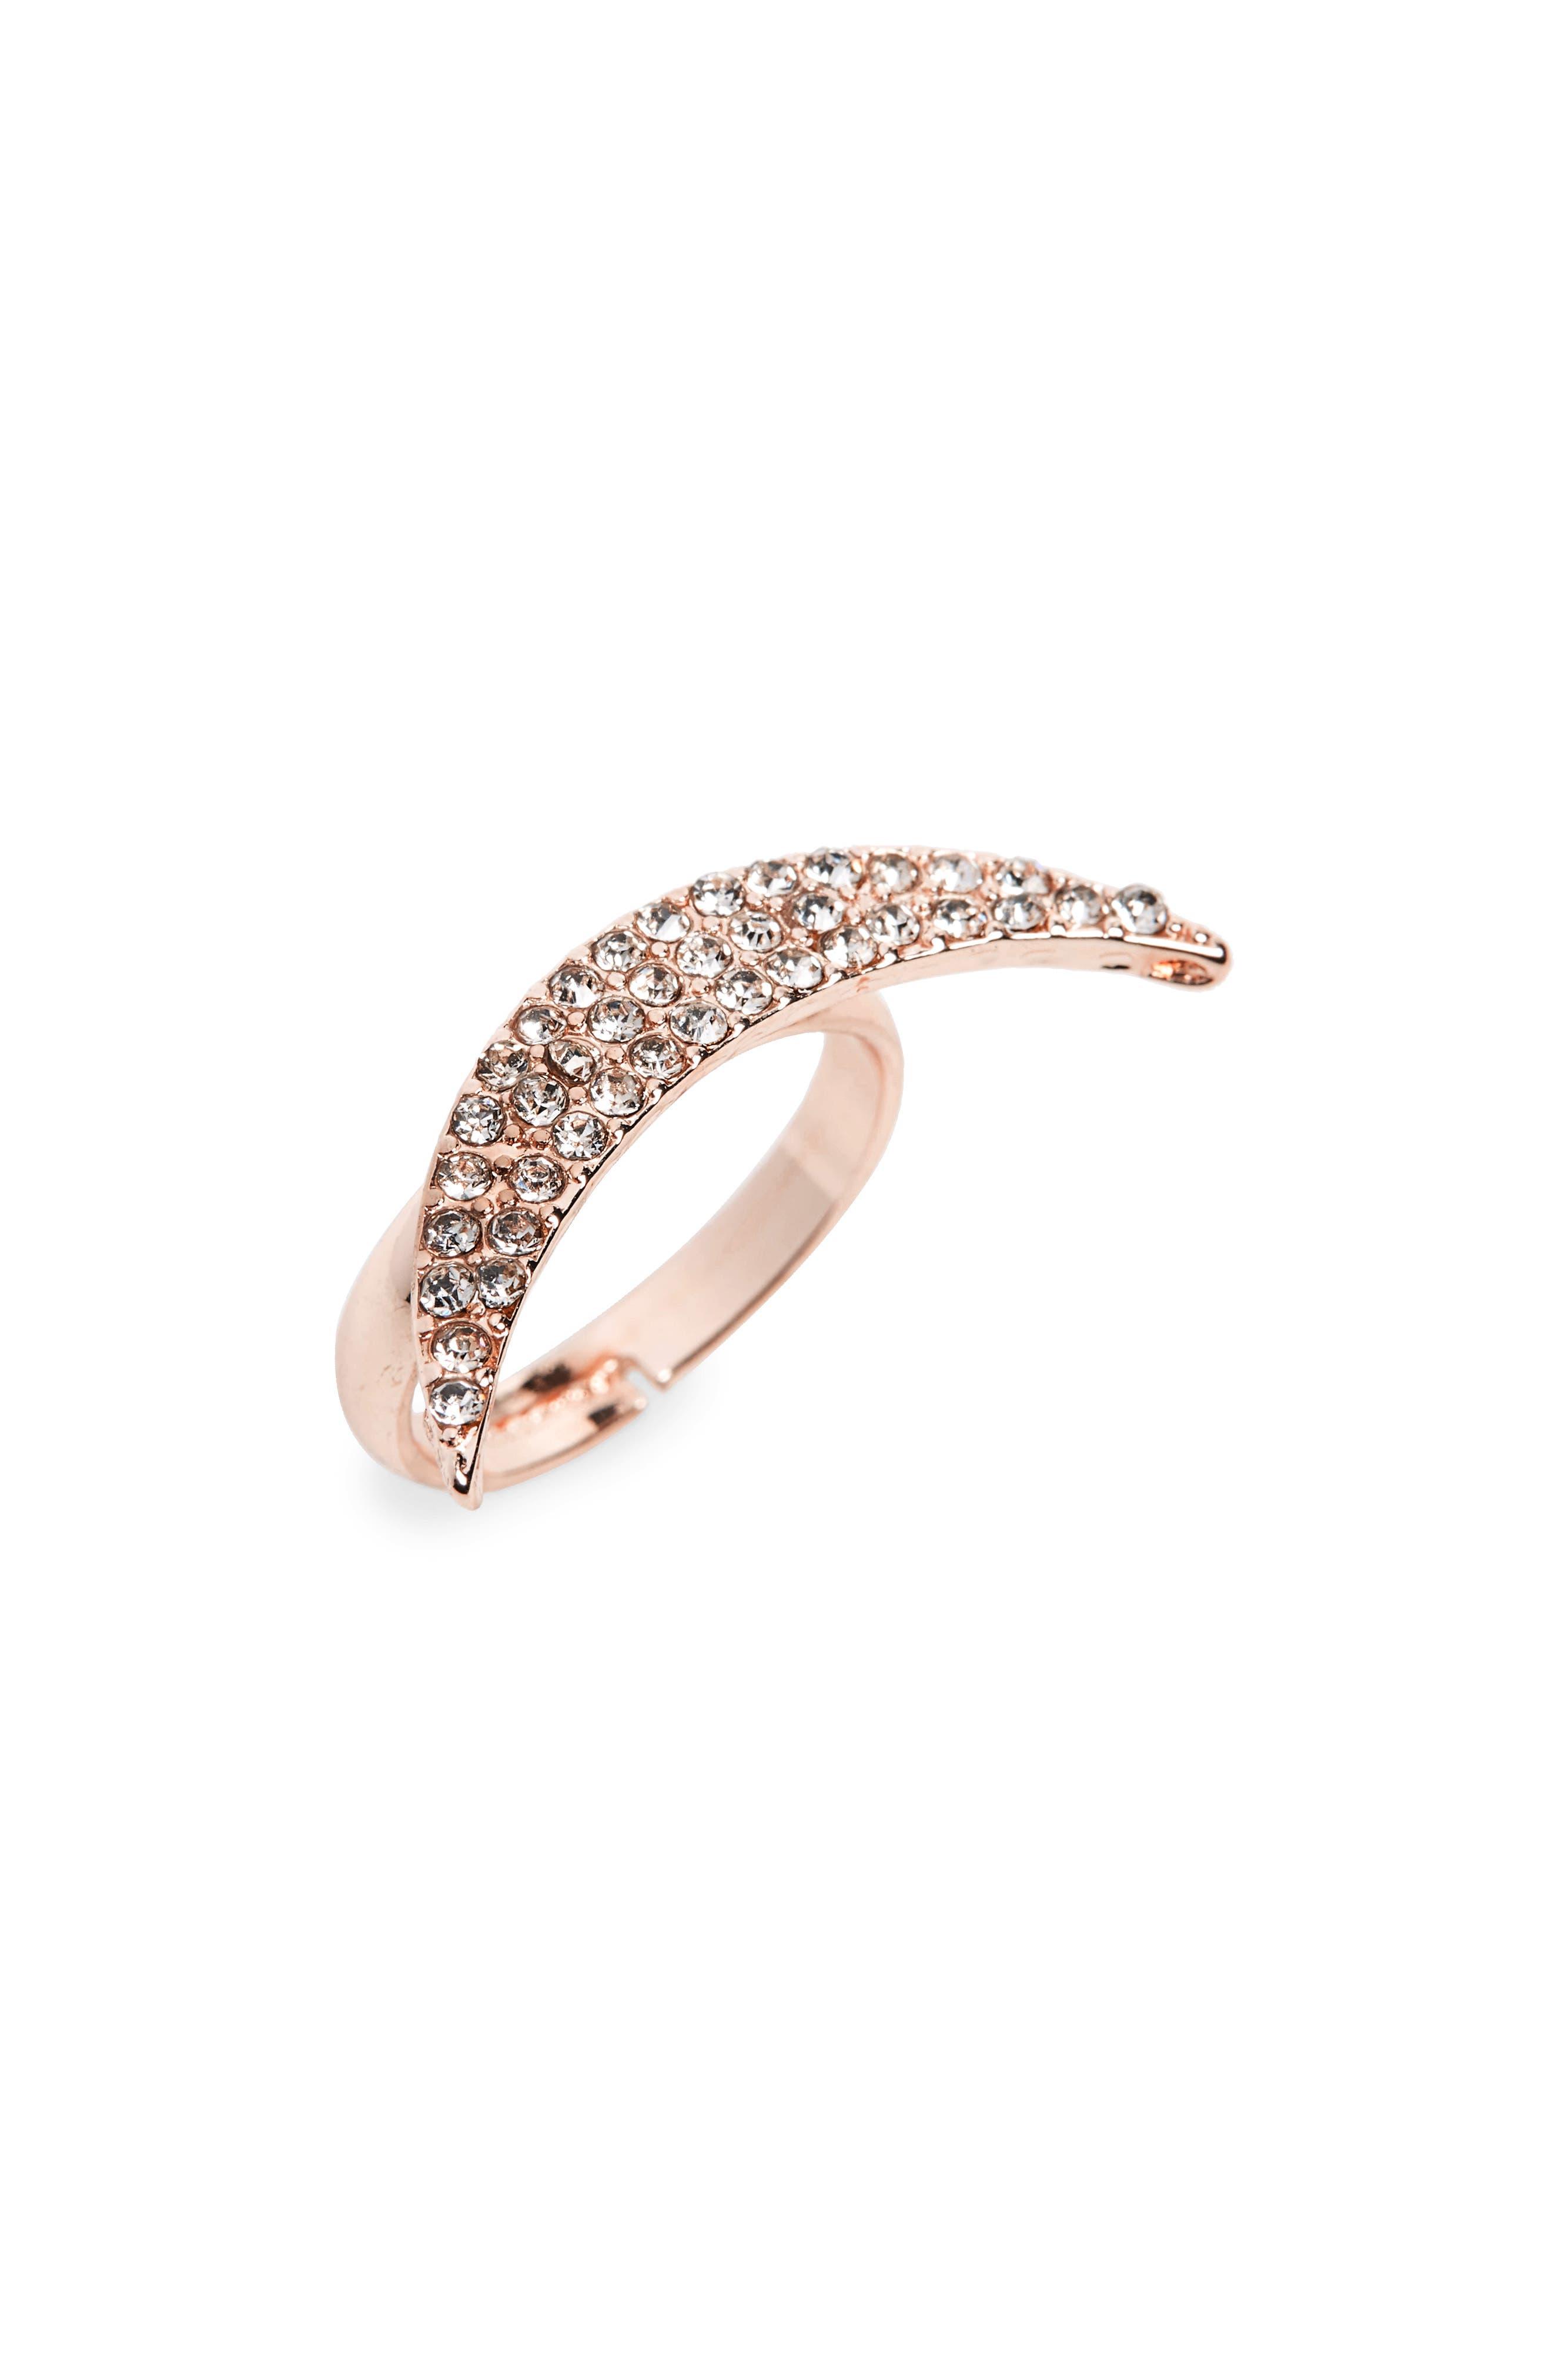 Main Image - Natasha Half Moon Crystal Ring